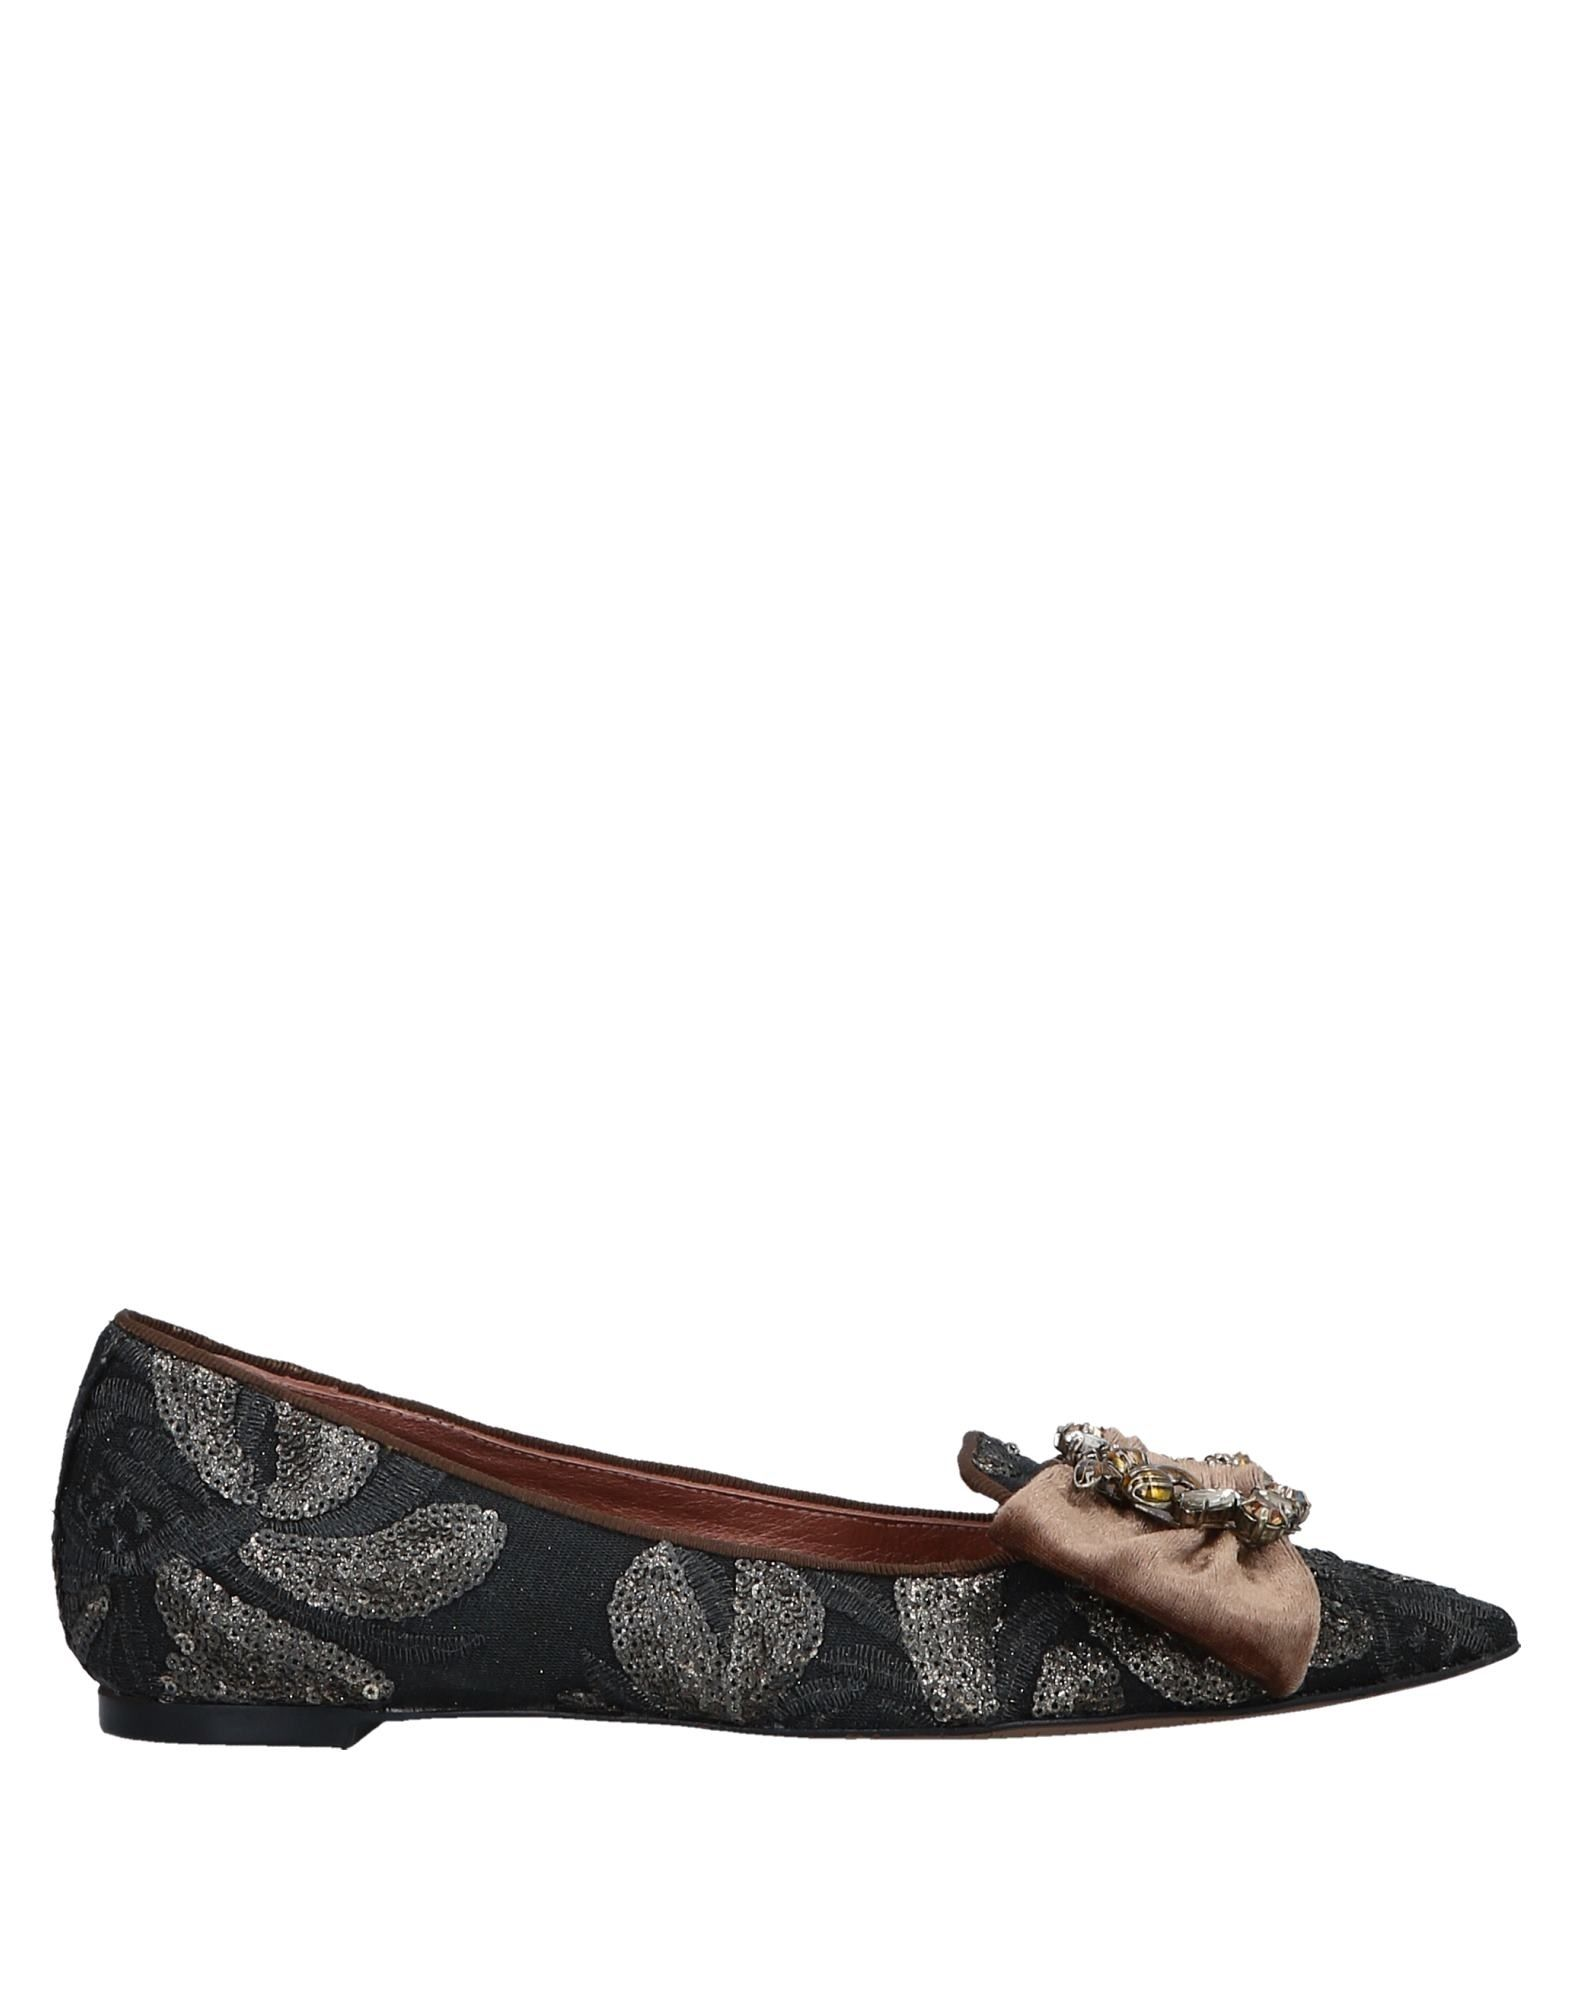 Ras Mokassins Damen  11499793BNGut aussehende strapazierfähige Schuhe